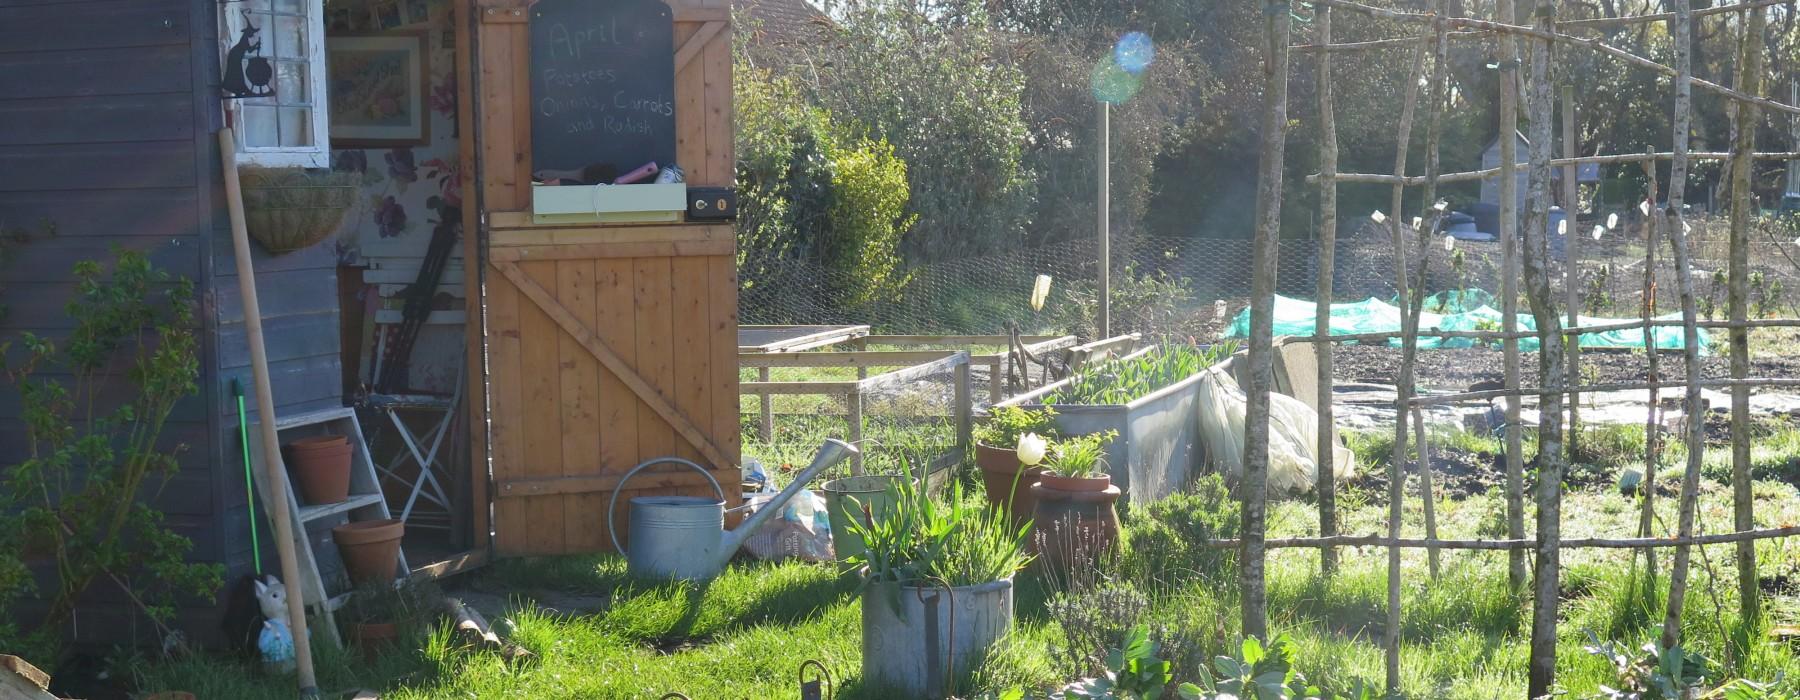 A Sunshiny Spring Day